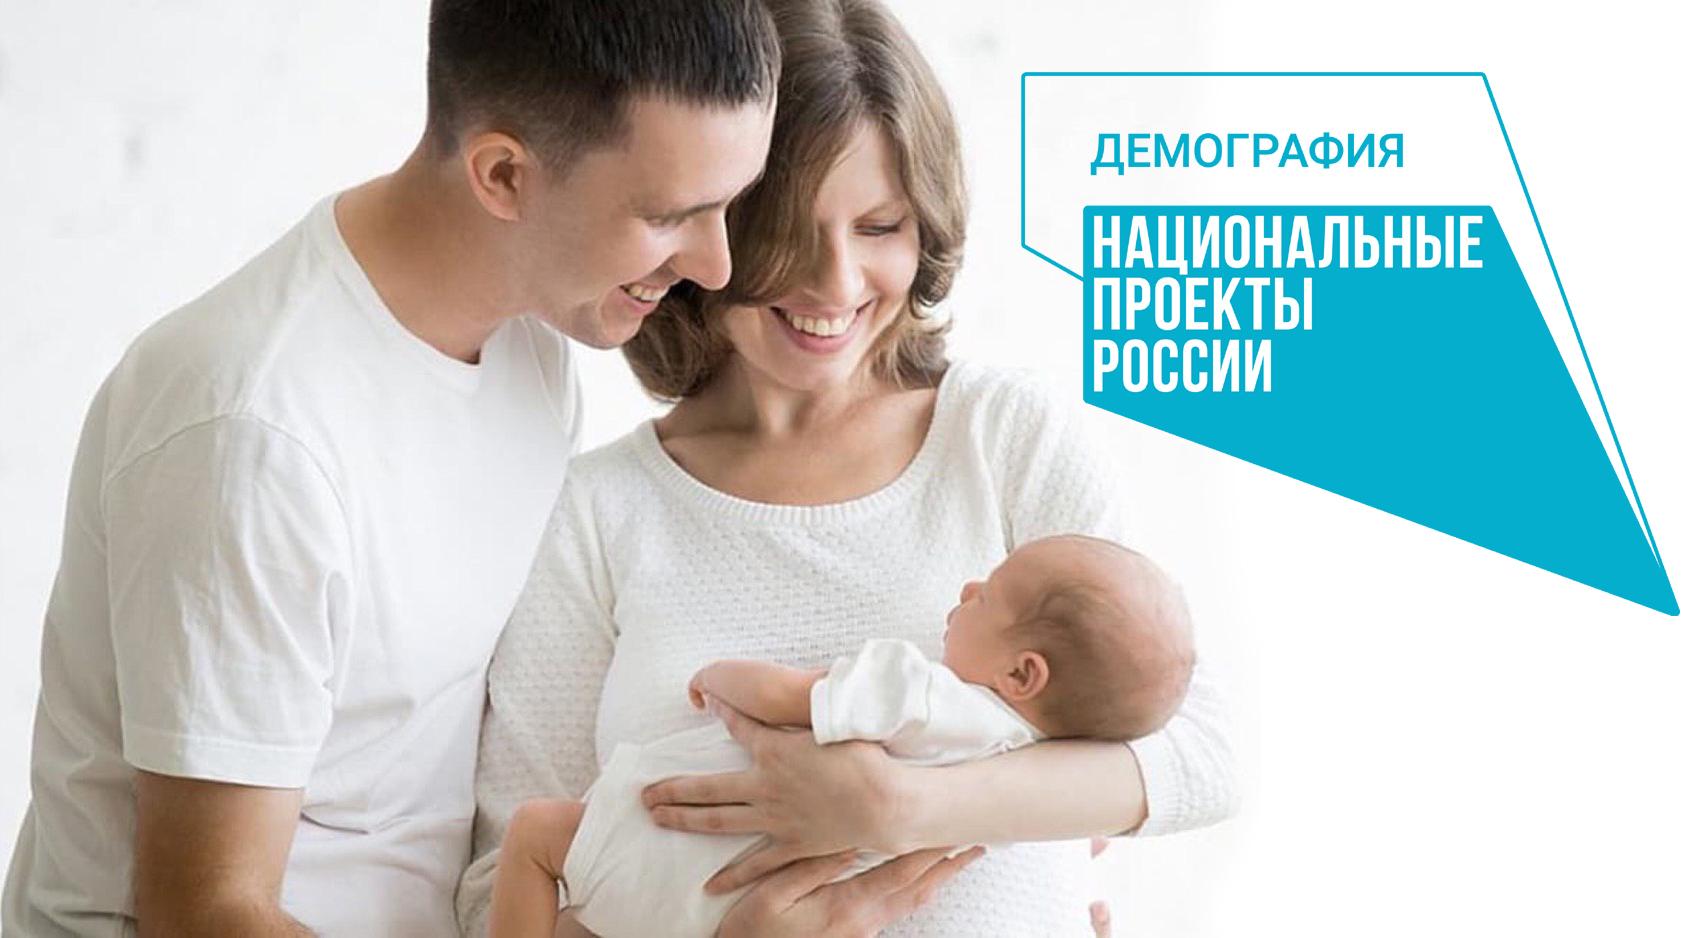 В Коми за 6 месяцев 2021 года ежемесячную выплату при рождении первенца получили 5822 семьи